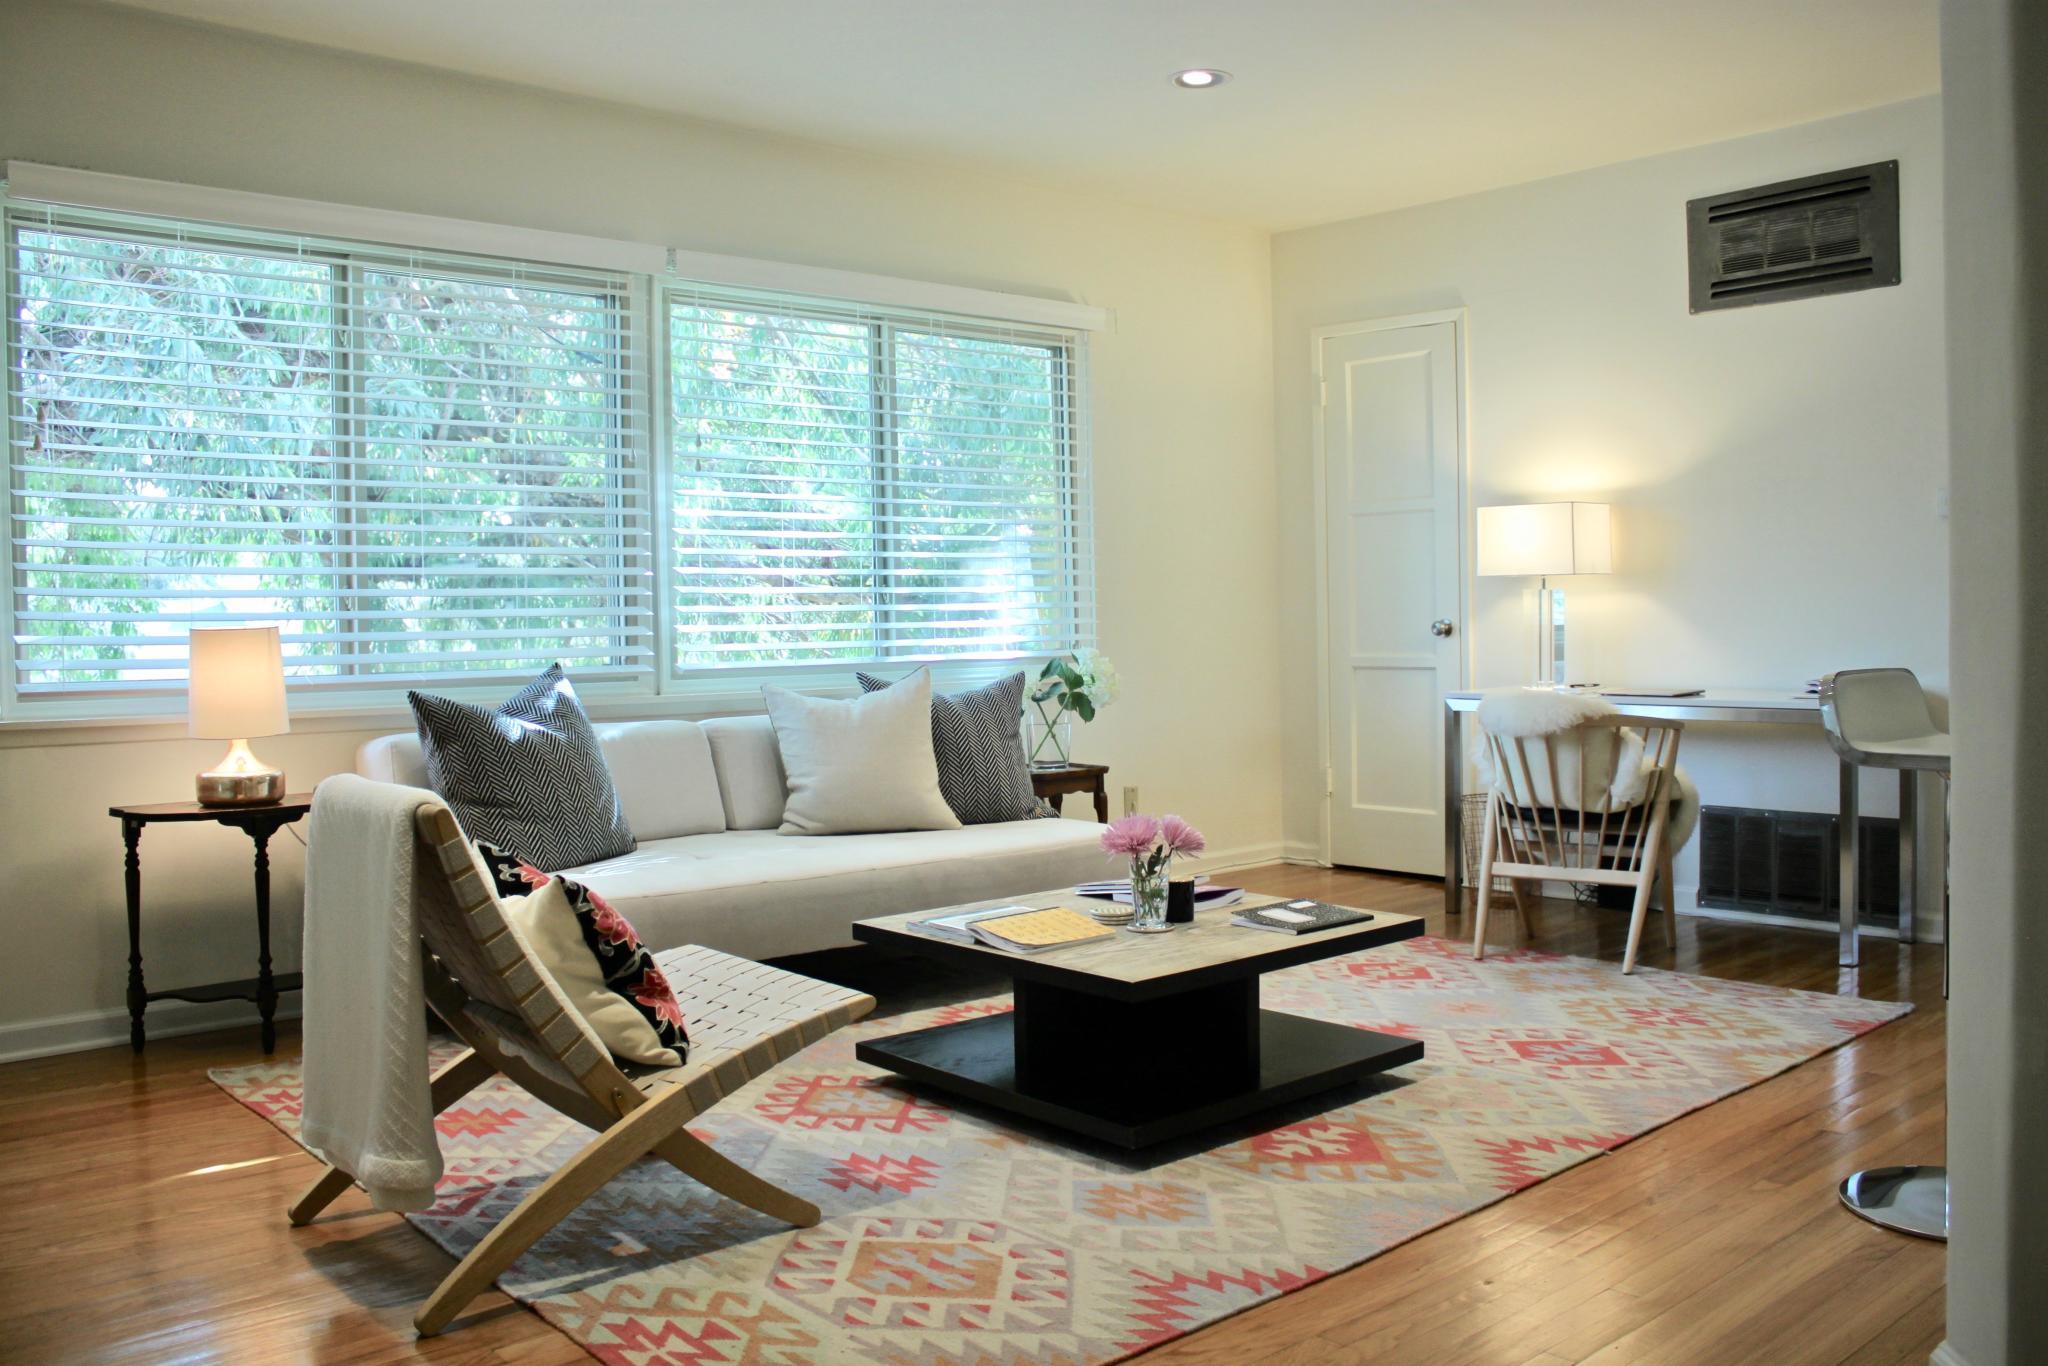 695 N Las Casas Ave, Pacific Palisades, CA 90272 For Rent | Trulia